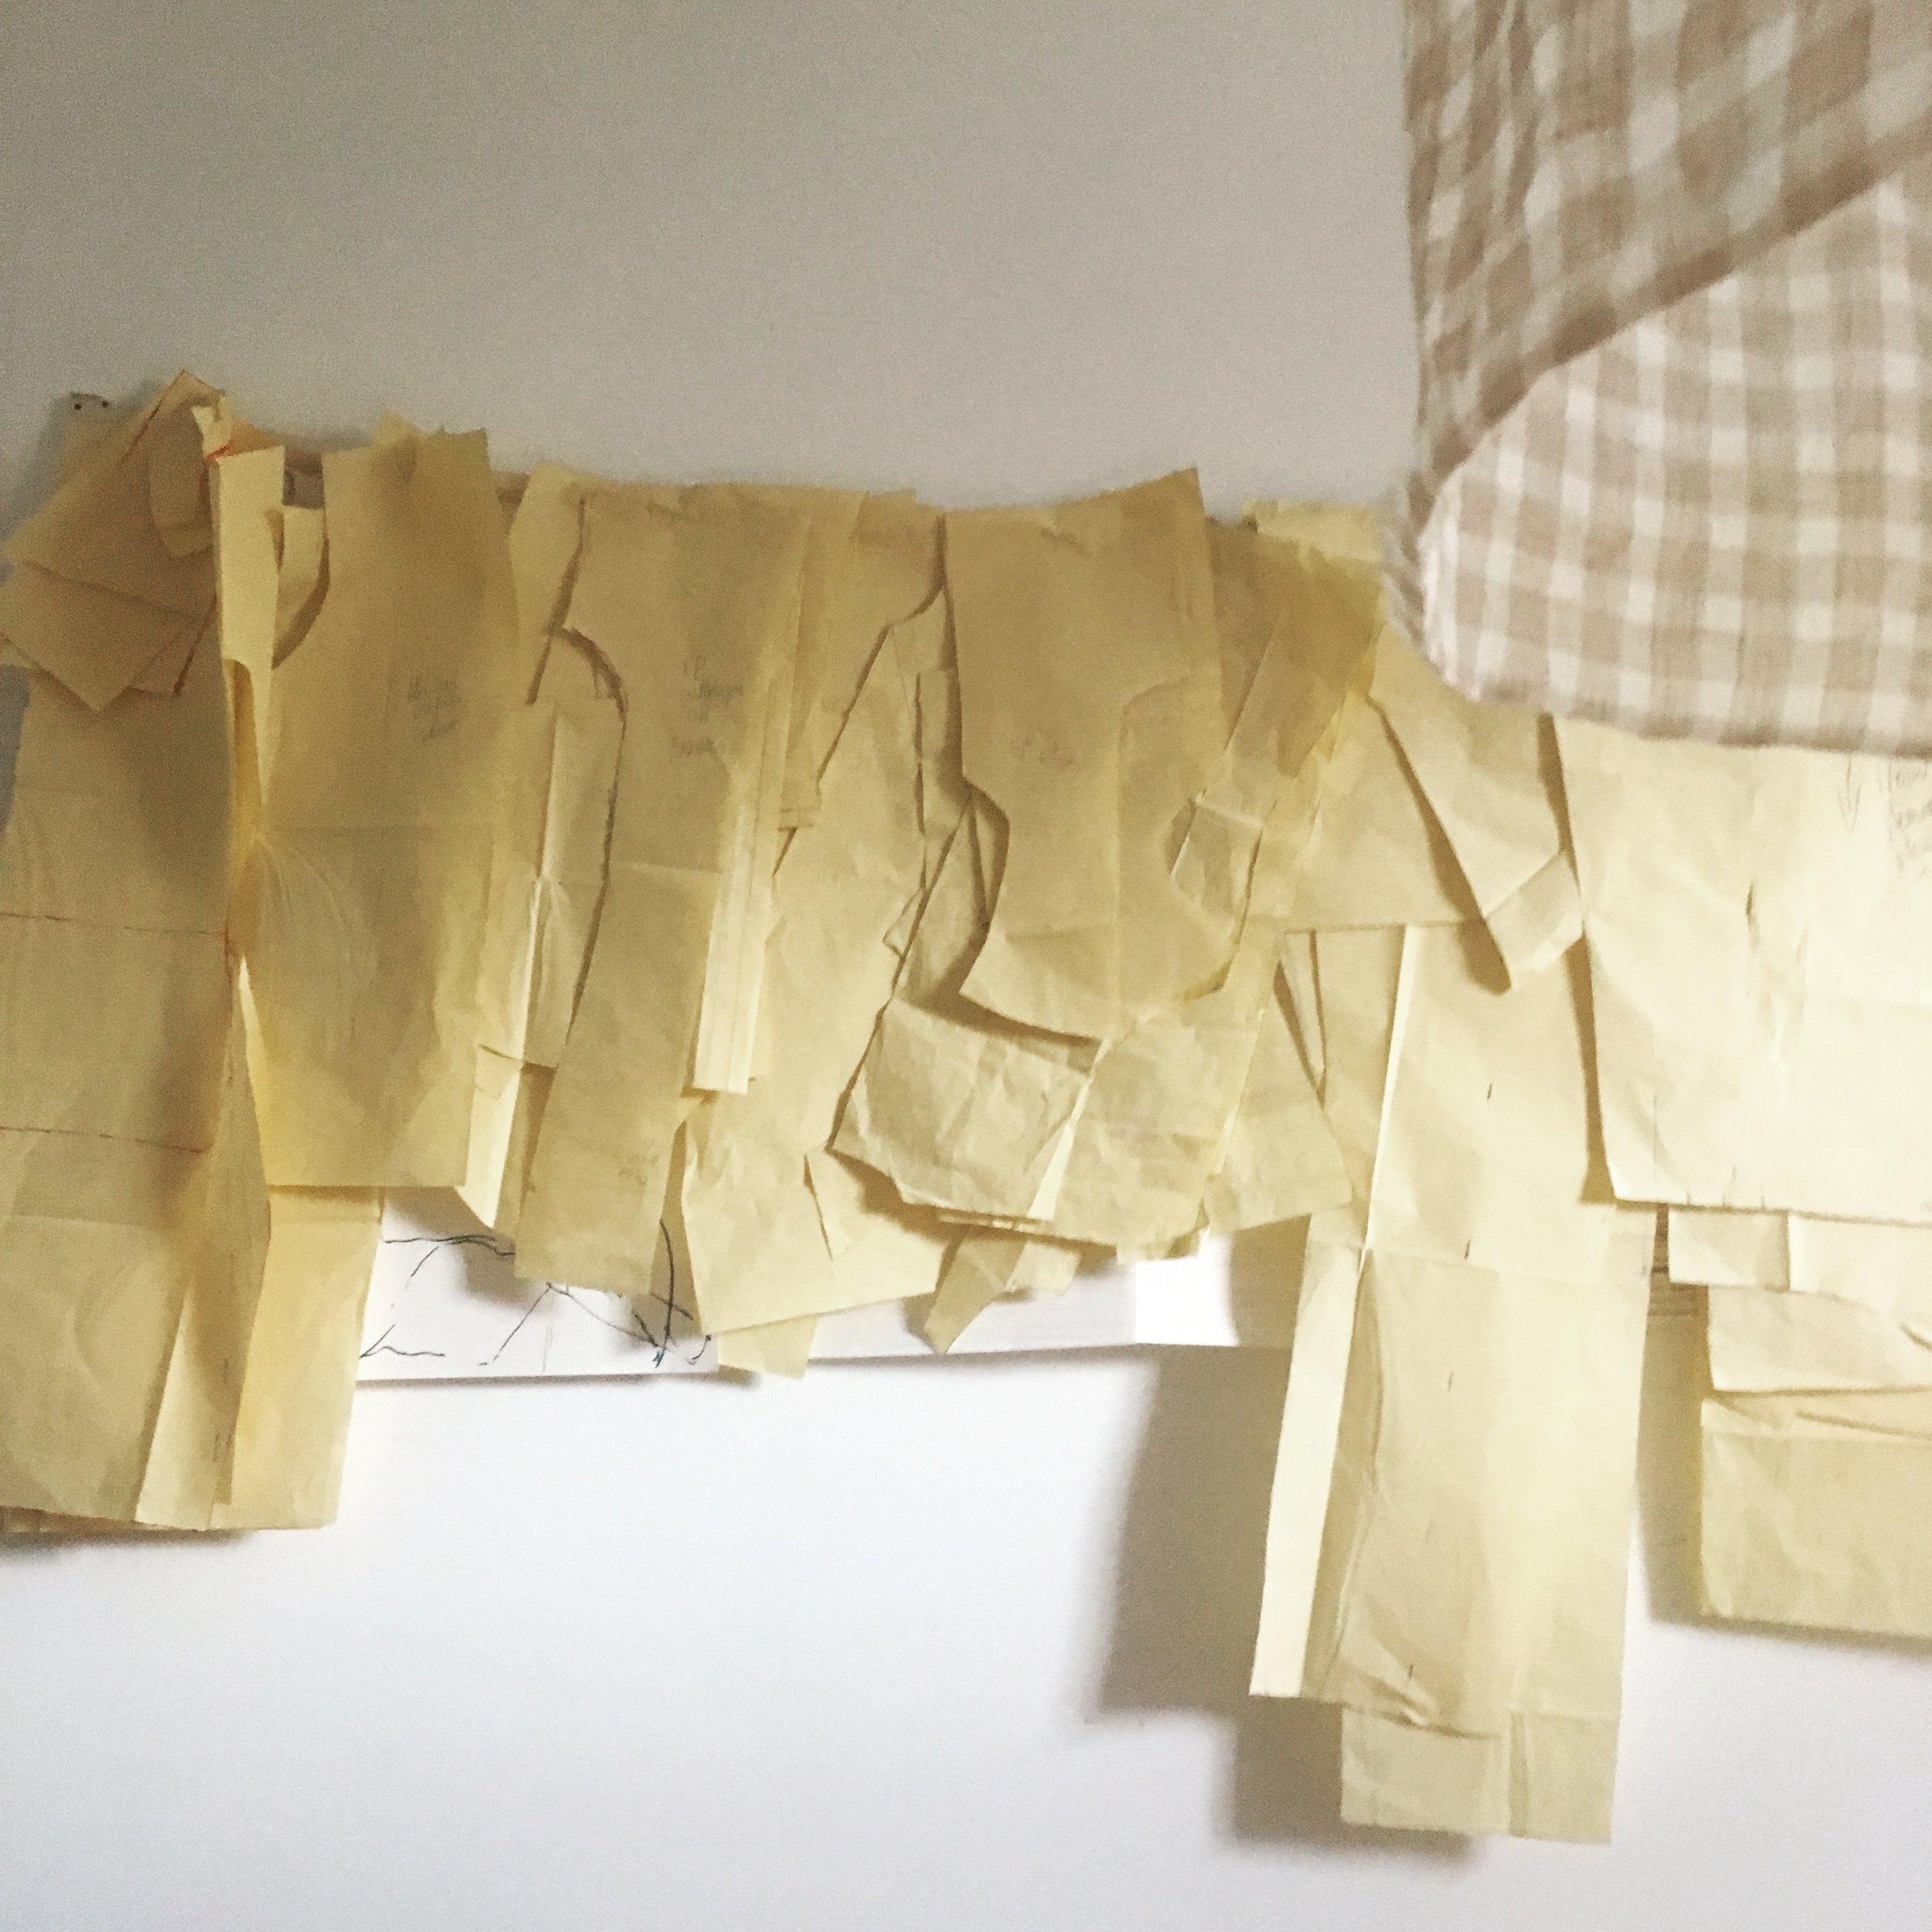 Patroontekenen - Hoe pas ik dit patroon aan zodat dit mij past? Hoe tekenen ik een patroon voor een rok, jurk en zelfs een trouwjurk? Het patroon is naar het kleding maken het fundament om degelijke duurzame kleding te maken. Patroontekenen is 15 lessen van 3u. Telkens drie lessen per kledingstuk: rok, broek, blouse /hemd, jurk, mantel. Hiervoor betaal je betaal je 350 euro voor een avond of een dagdeel.